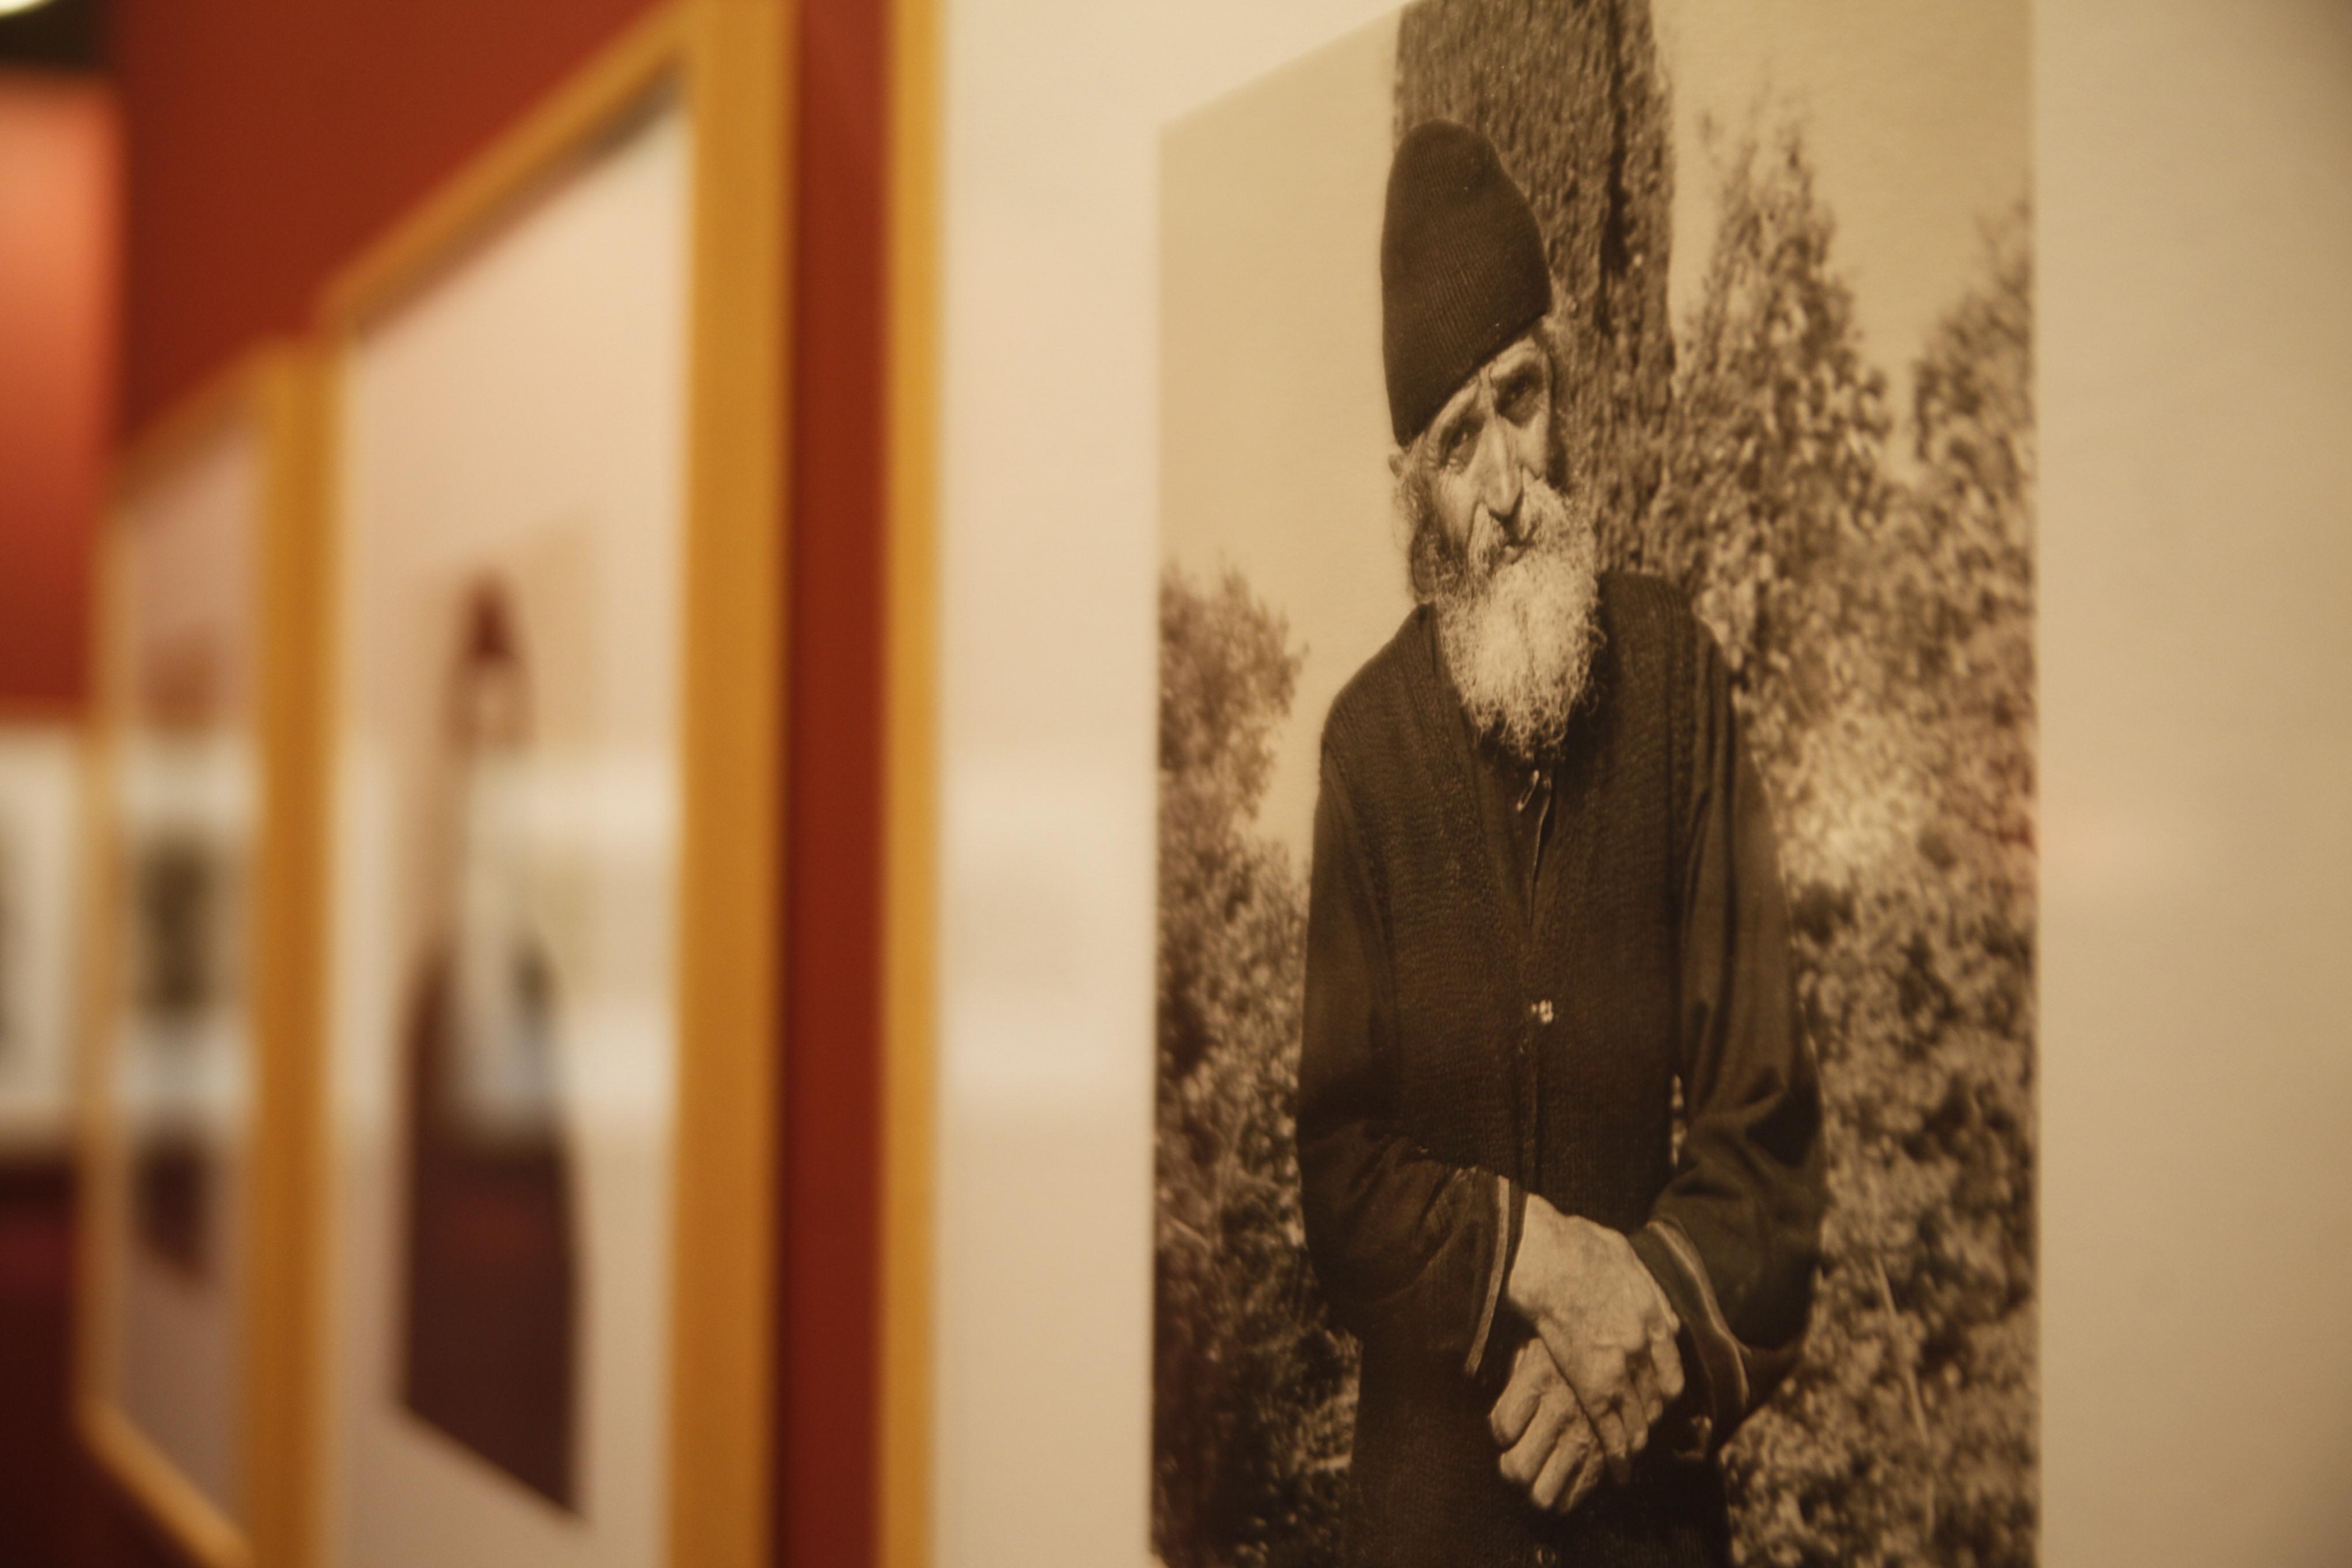 Γέροντας Παΐσιος: Ποιο ήταν το επάγγελμα του πριν γίνει μοναχός